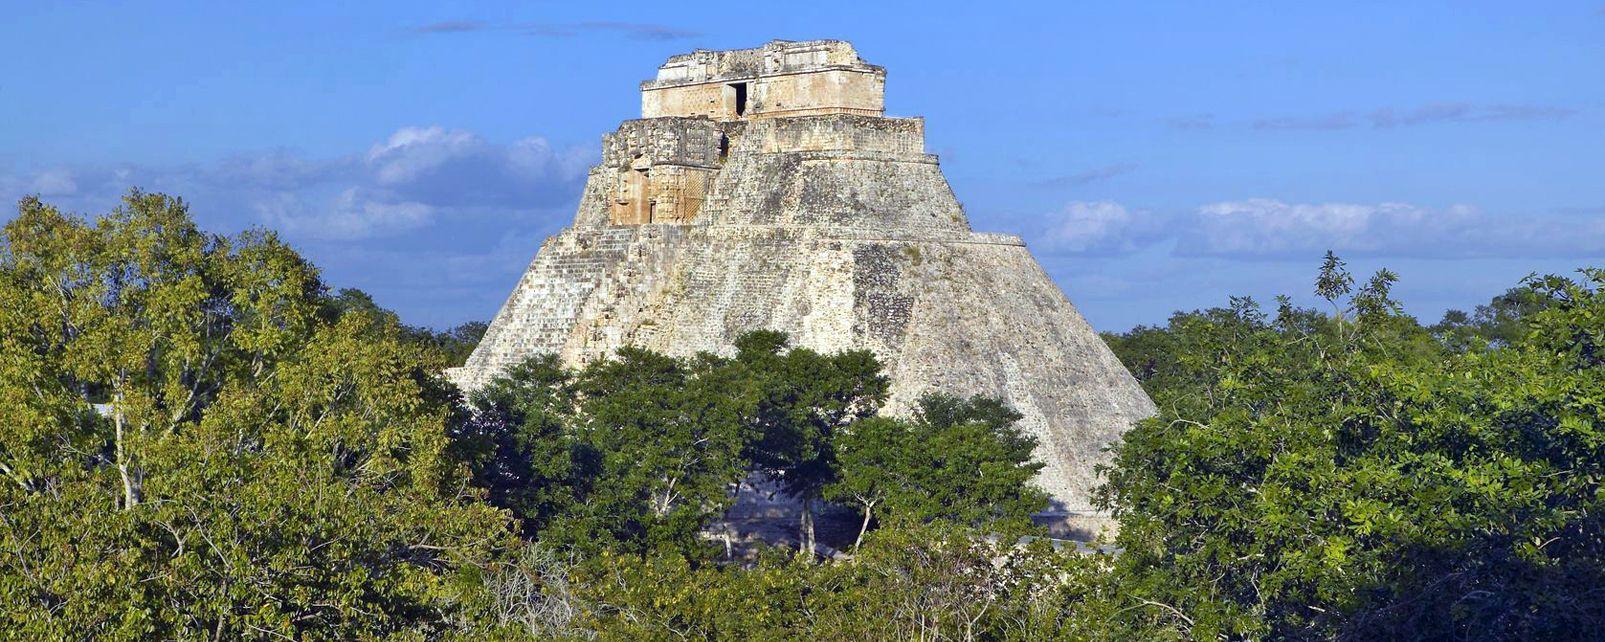 Uxmal, La cité maya d'Uxmal, Les sites, Merida, Yucatan